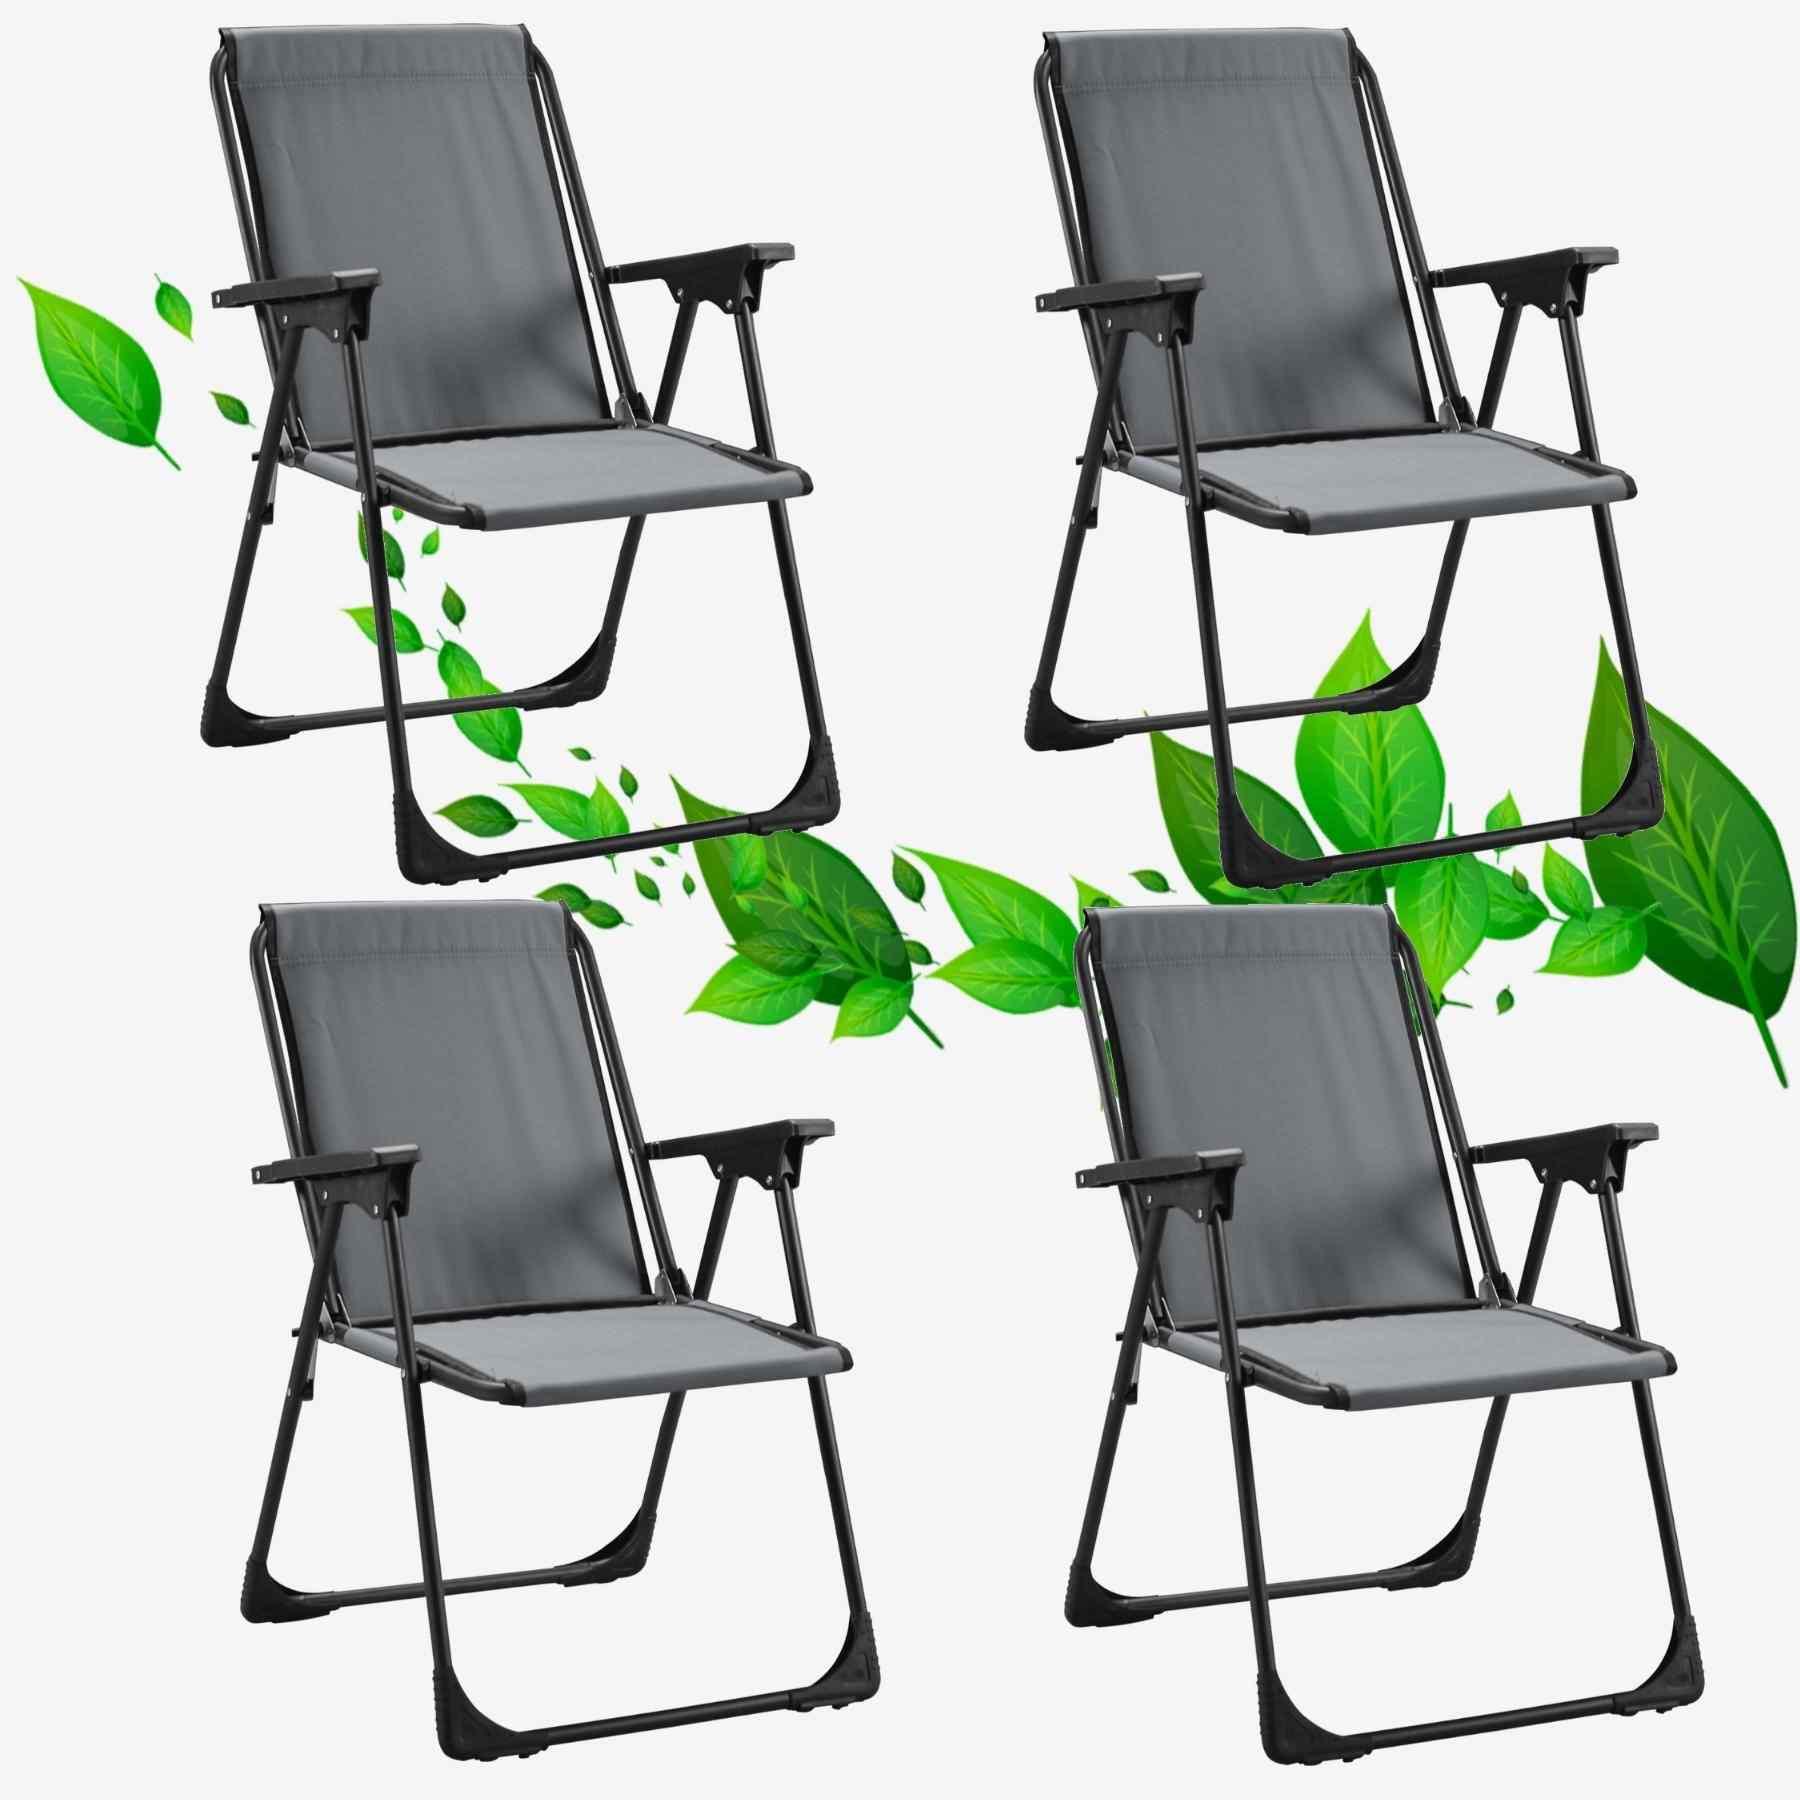 Star Katlanır Koltuk Piknik Plaj Sandalyesi Kamp Sandalyesi Gri 4 Adet